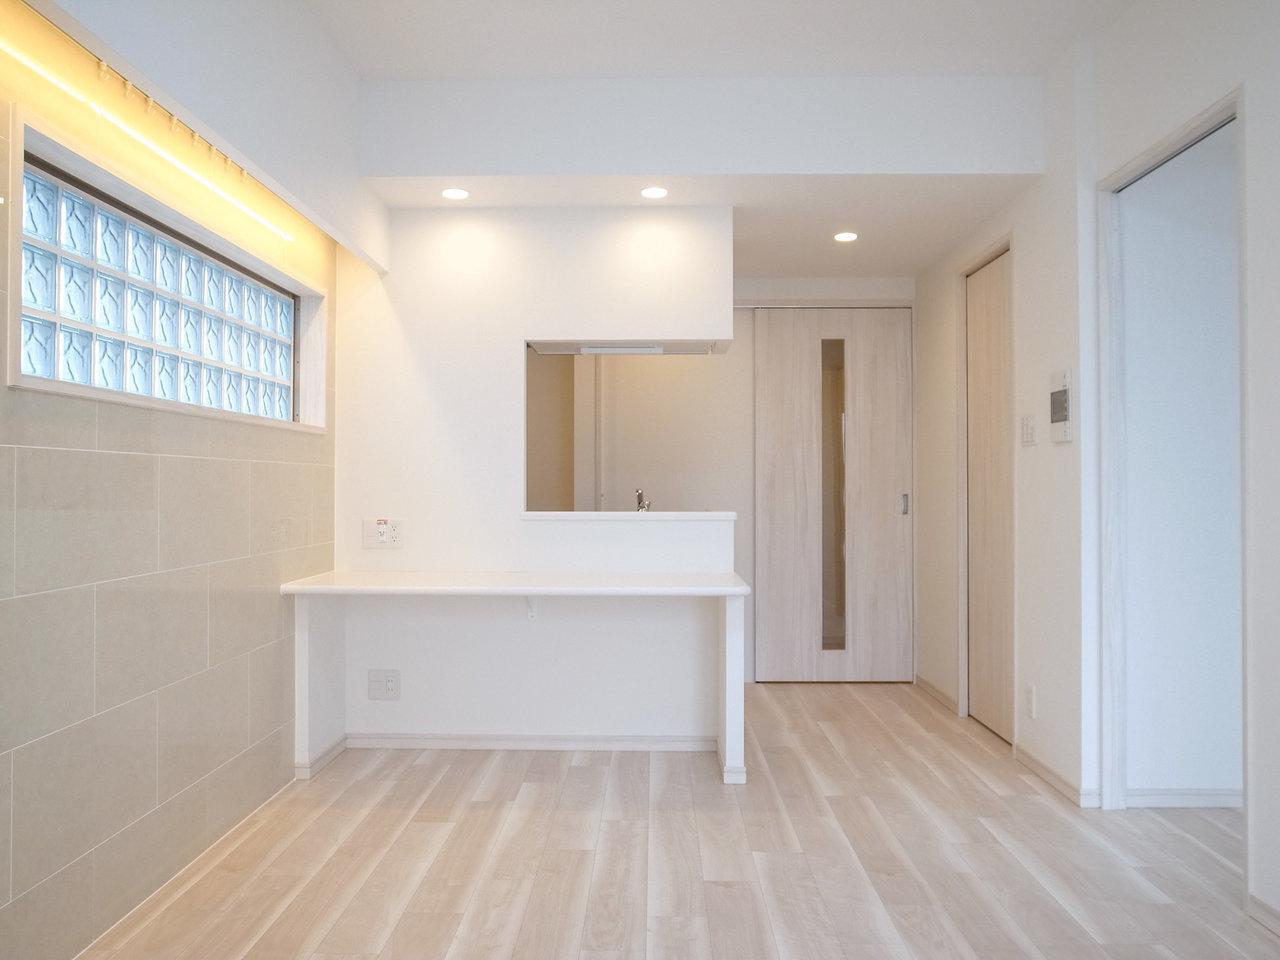 最後は二人暮らしにもぴったりの、1LDKのお部屋。広々とした印象のリビングは11.5畳。そして憧れのカウンターキッチン!